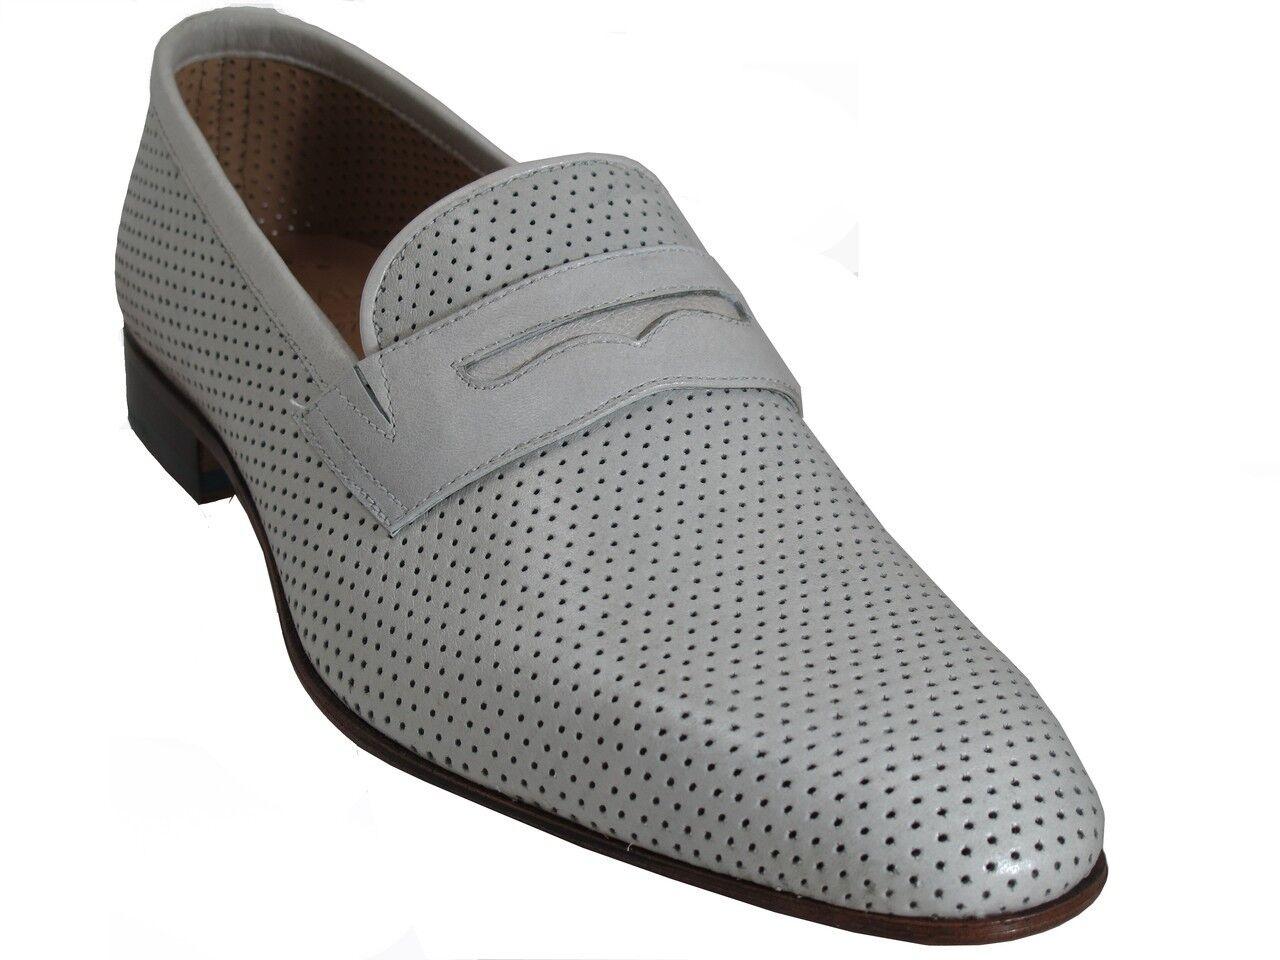 protezione post-vendita Doucals Uomo Uomo Uomo Italian 41050 Dressy Slip on scarpe  negozio online